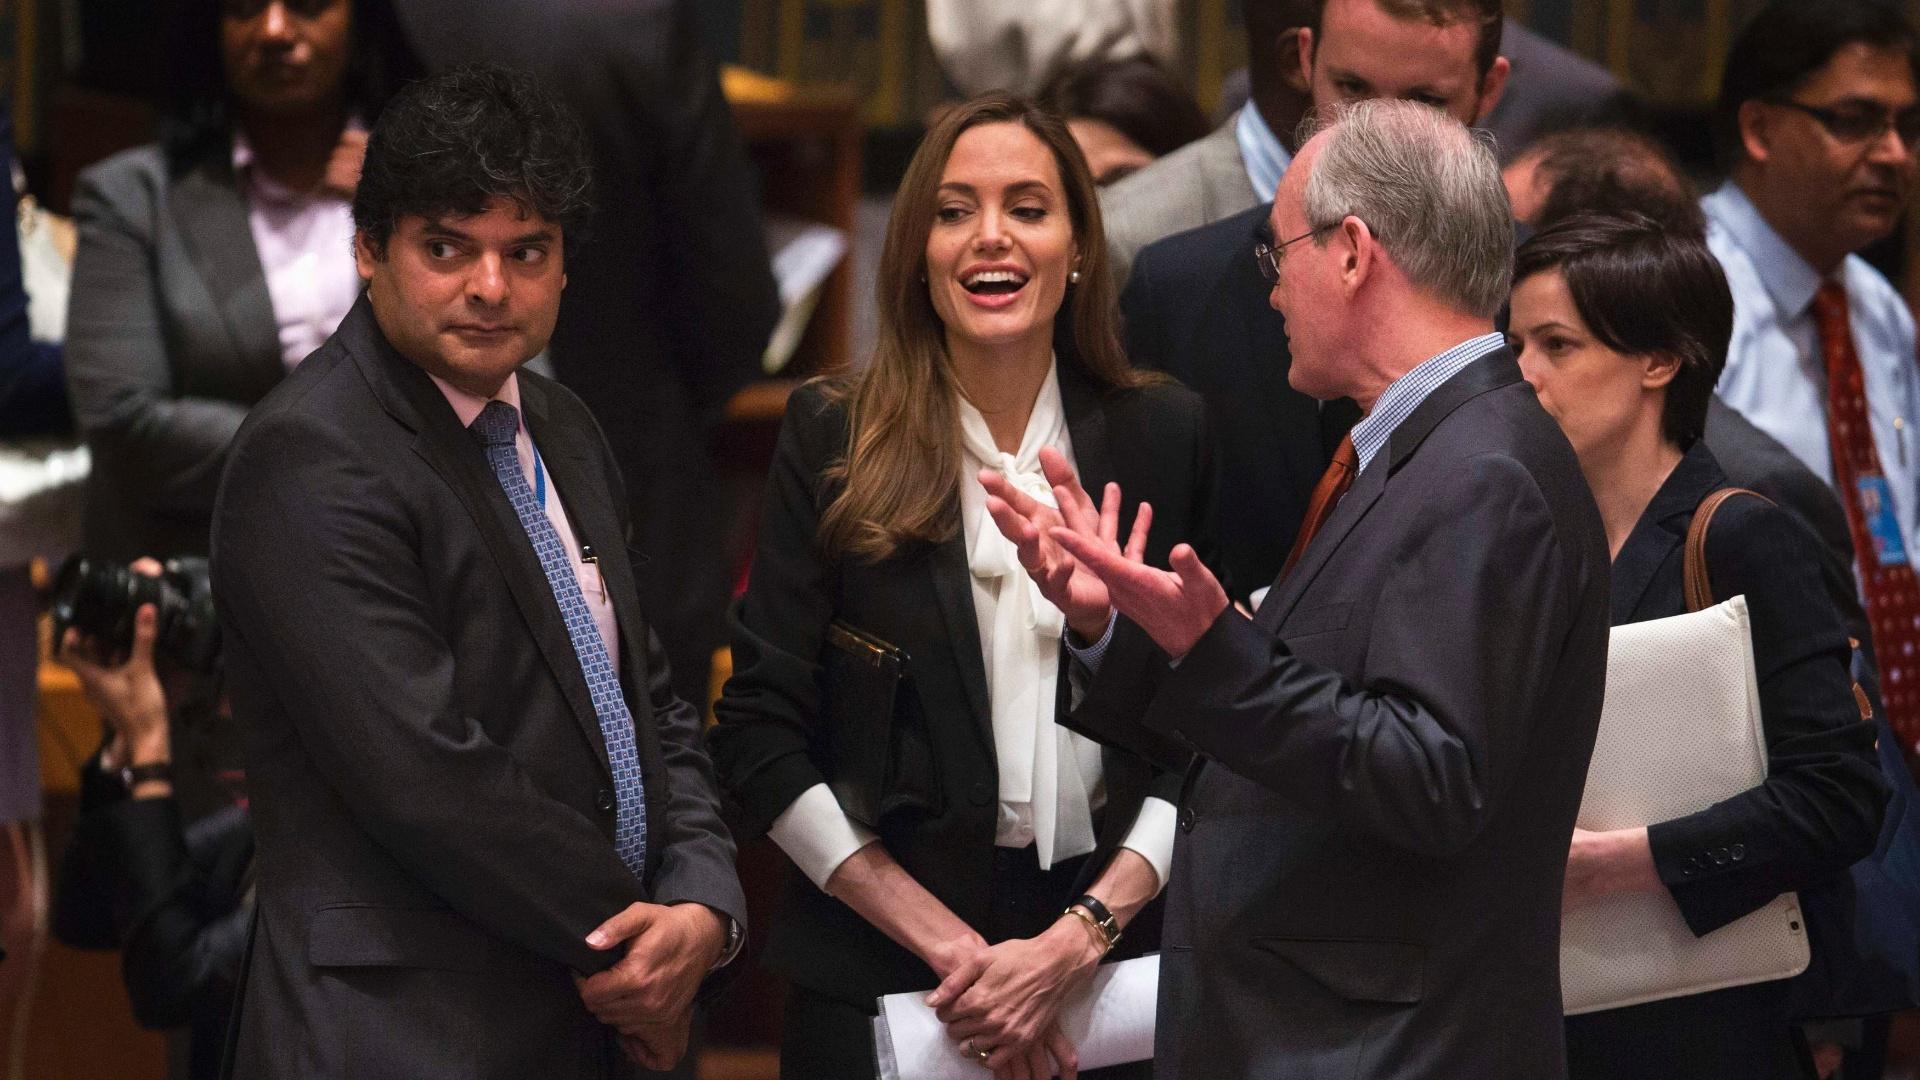 24.jun.2013 - A atriz Angelina Jolie, que é enviada especial do Alto Comissariado da ONU para Refugiados, fala com diplomatas em reunião do Conselho de Segurança